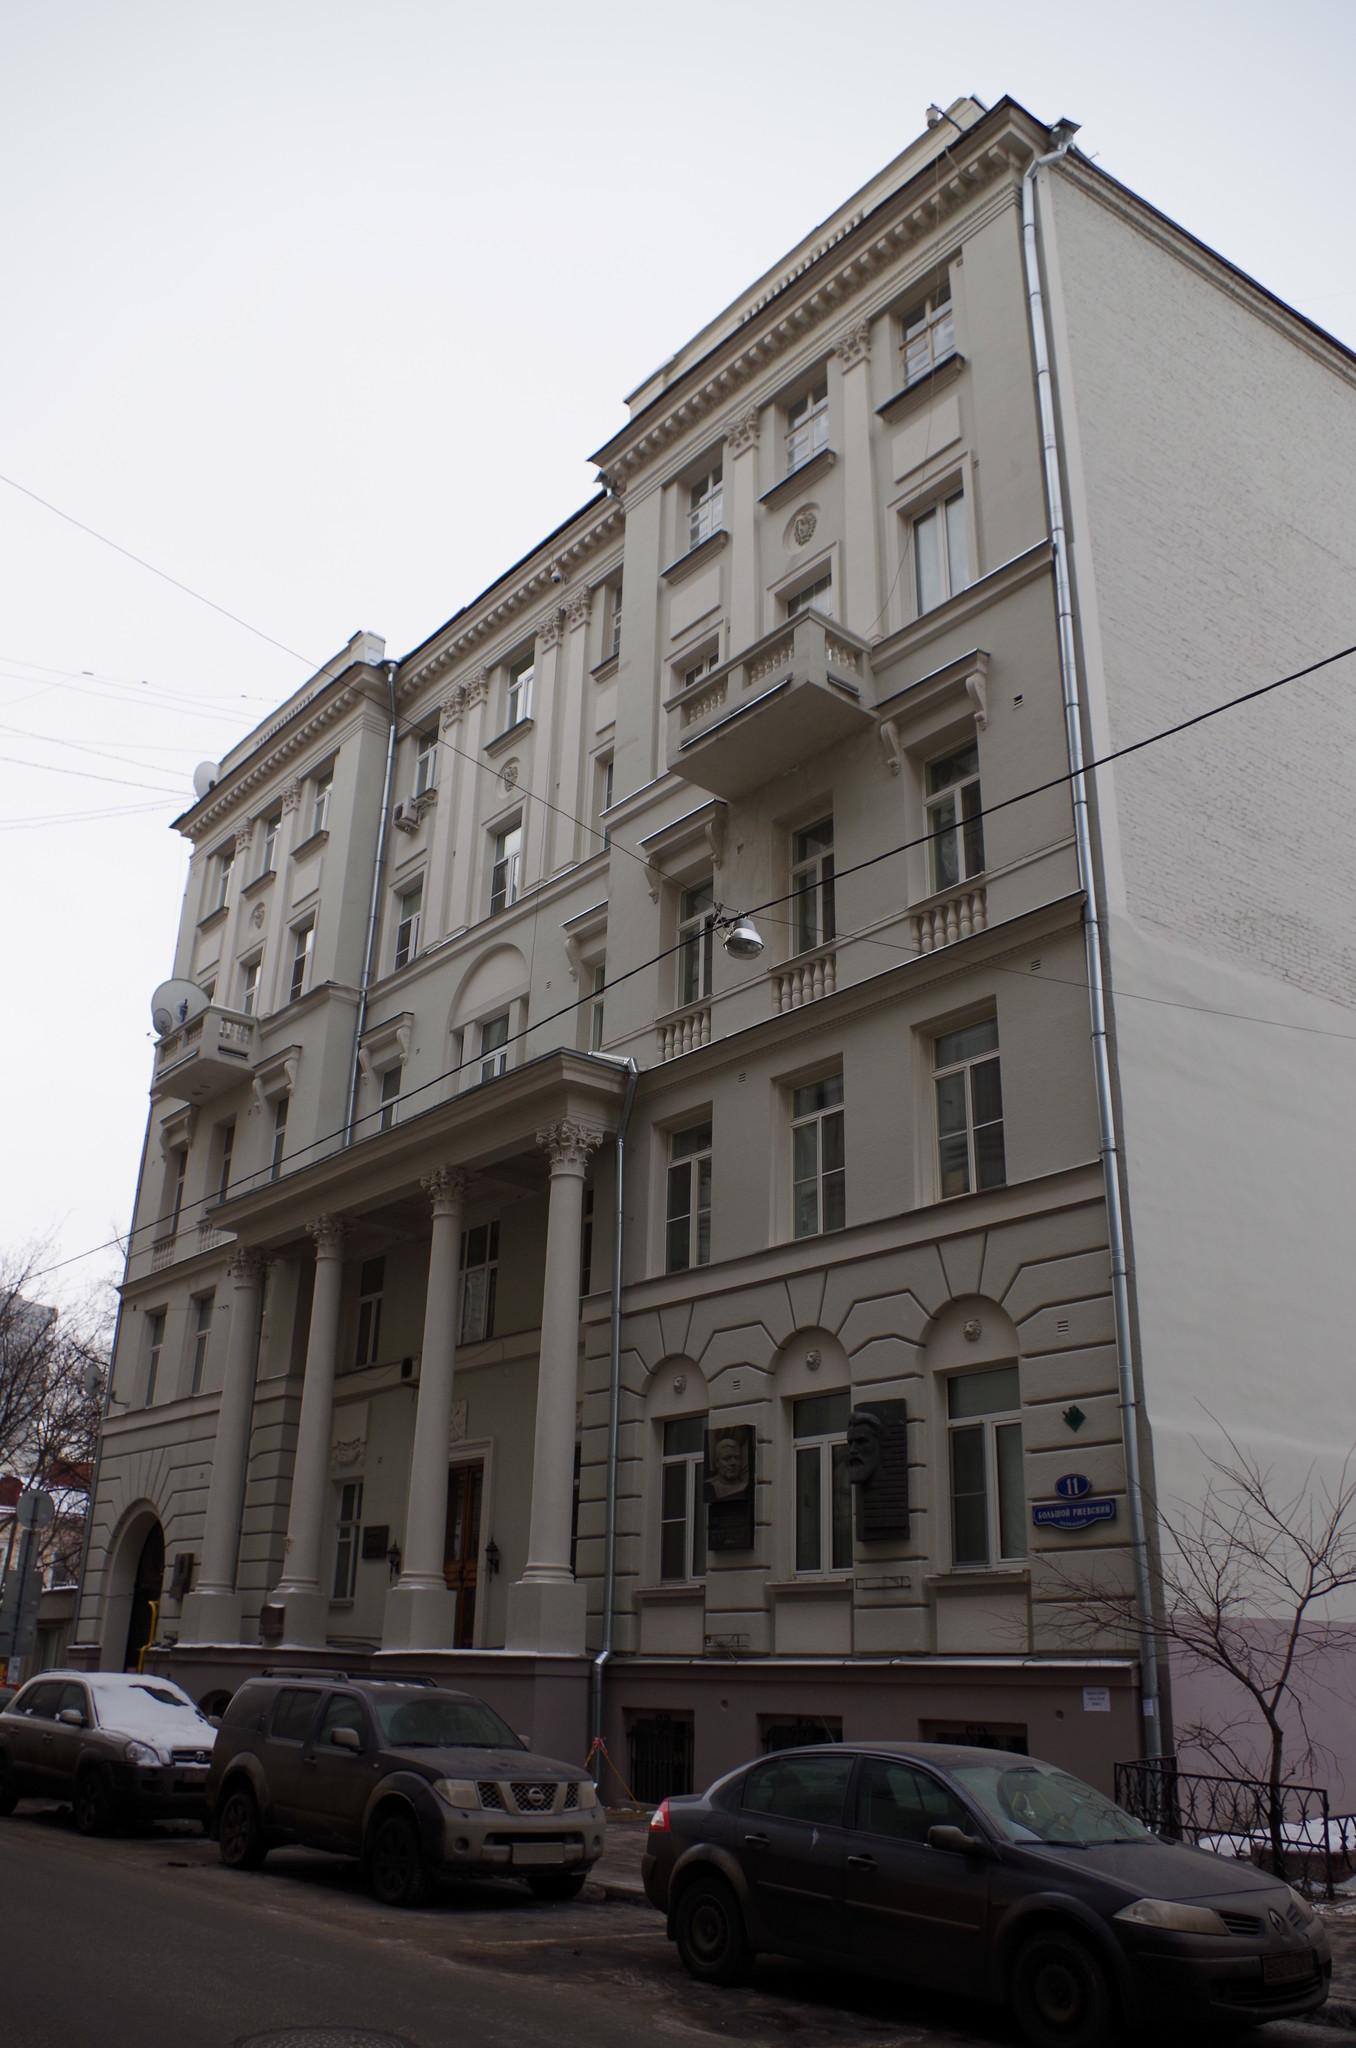 Дом военных, или 5-й дом Реввоенсовета (Большой Ржевский переулок, дом 11)